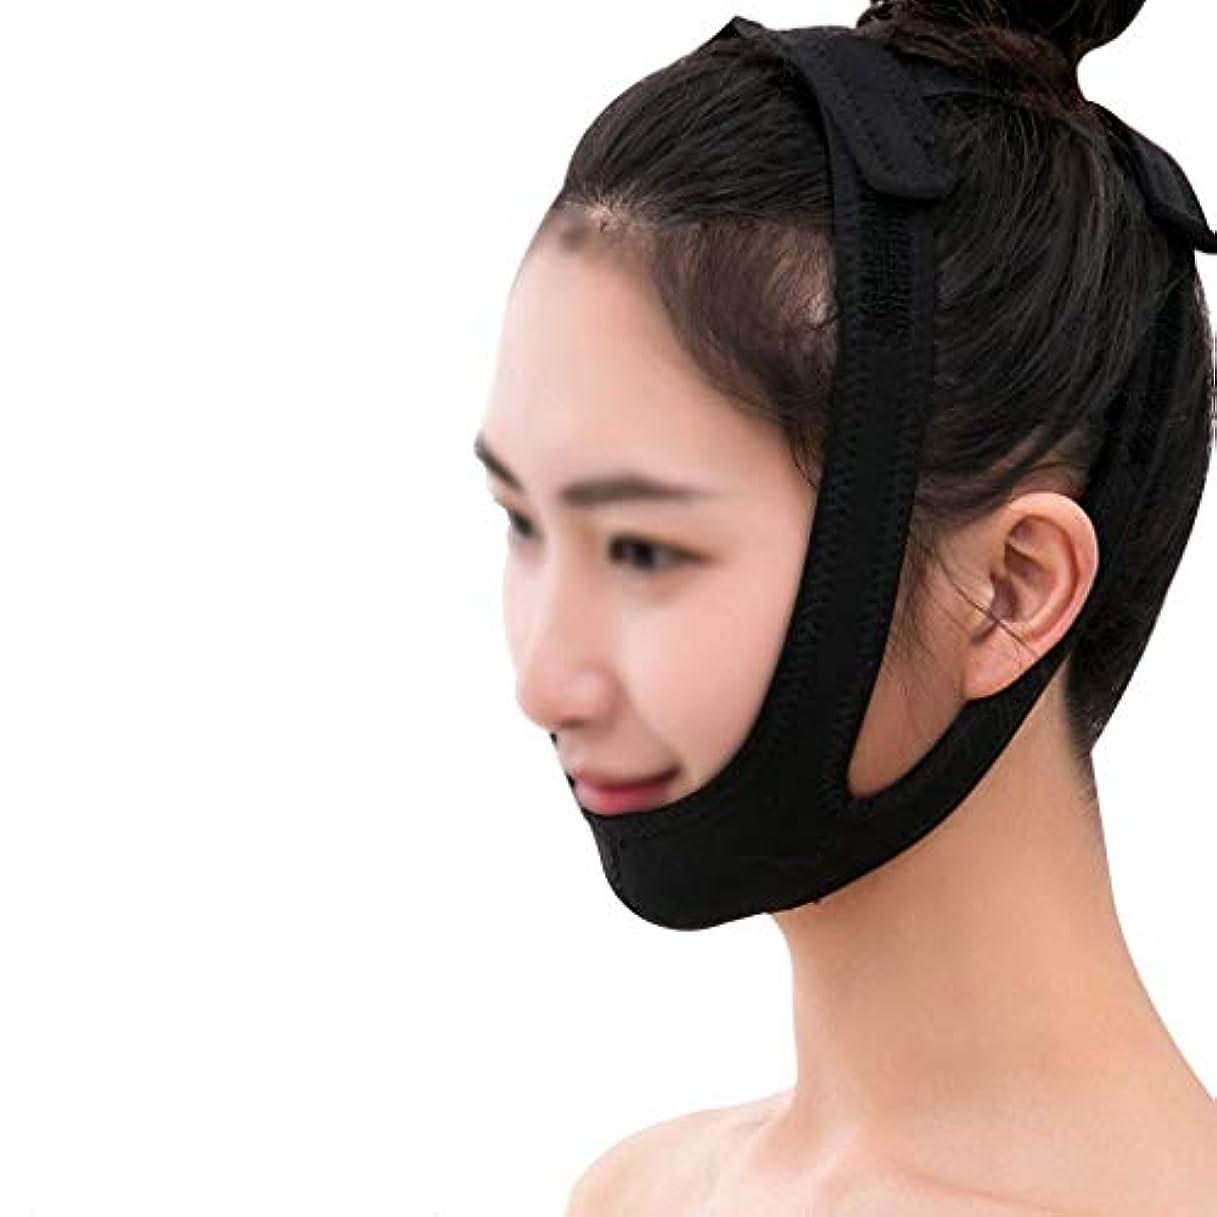 植物学小康バンジョーフェイシャルリフティングマスク、医療用ワイヤーカービングリカバリーヘッドギアVフェイス包帯ダブルチンフェイスリフトマスク